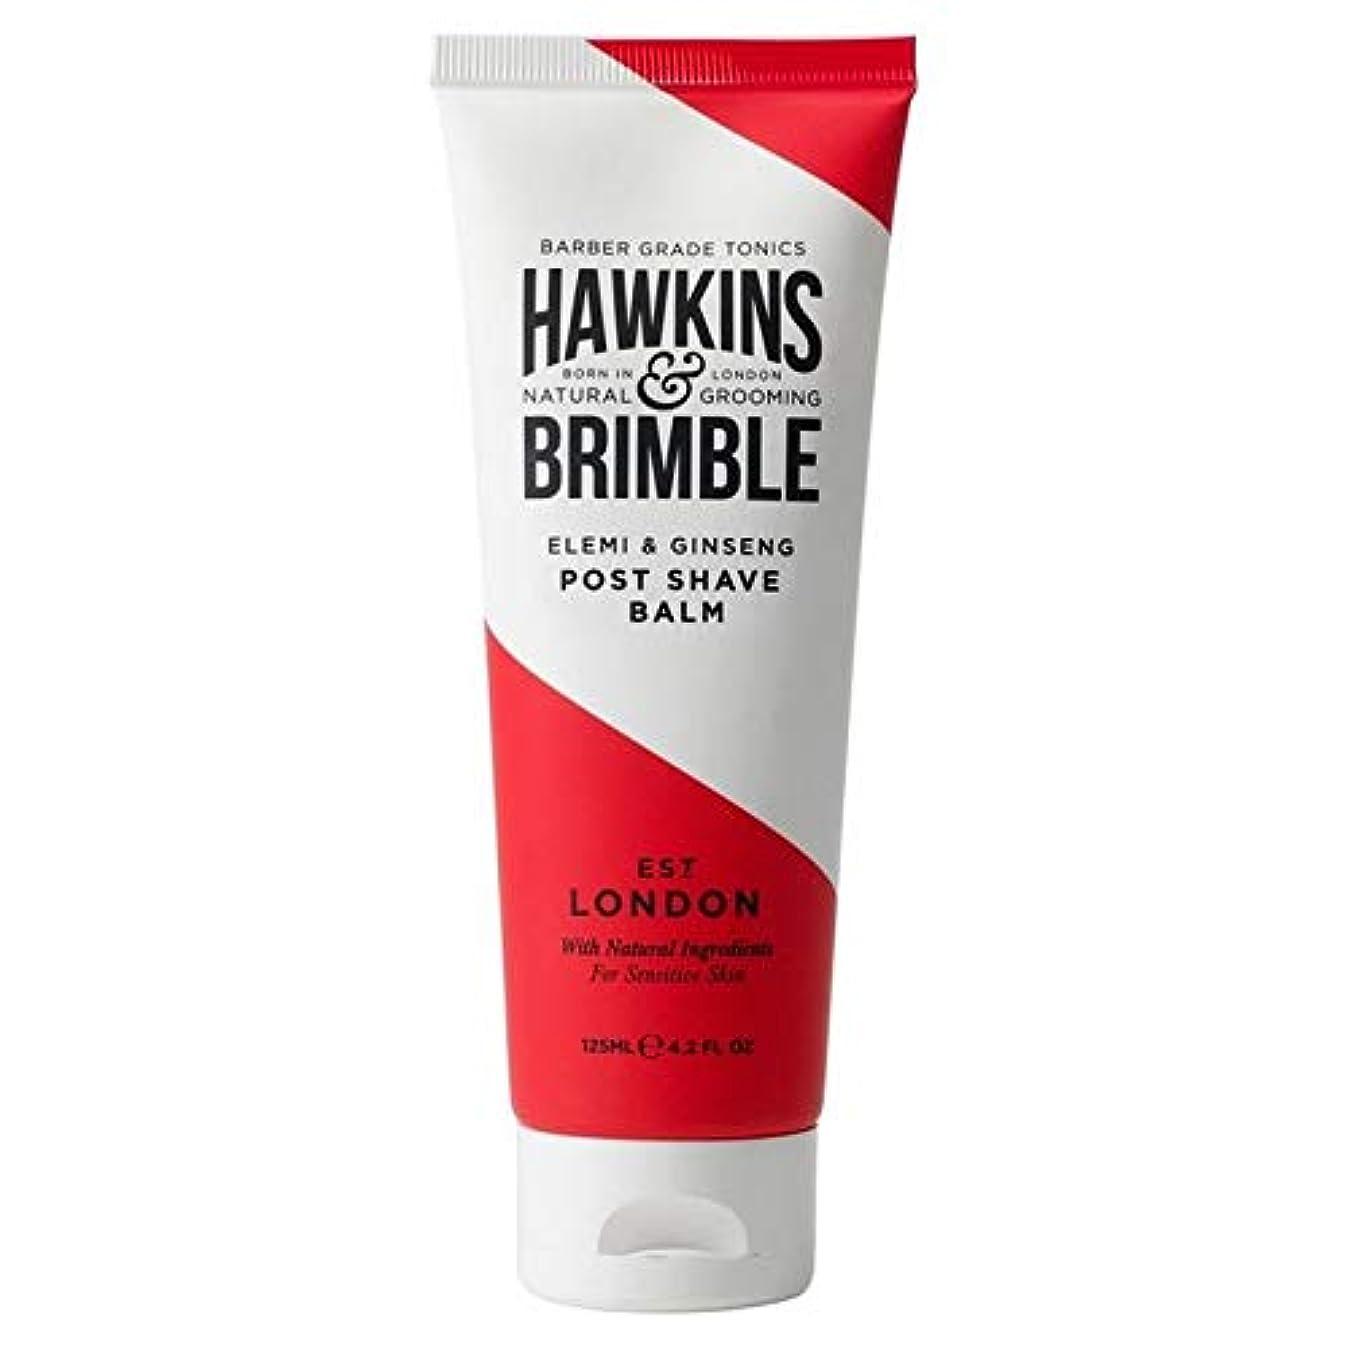 外国人クスクスアスペクト[Hawkins & Brimble] ホーキンス&Brimbleポストシェーブバーム125ミリリットル - Hawkins & Brimble Post Shave Balm 125ml [並行輸入品]